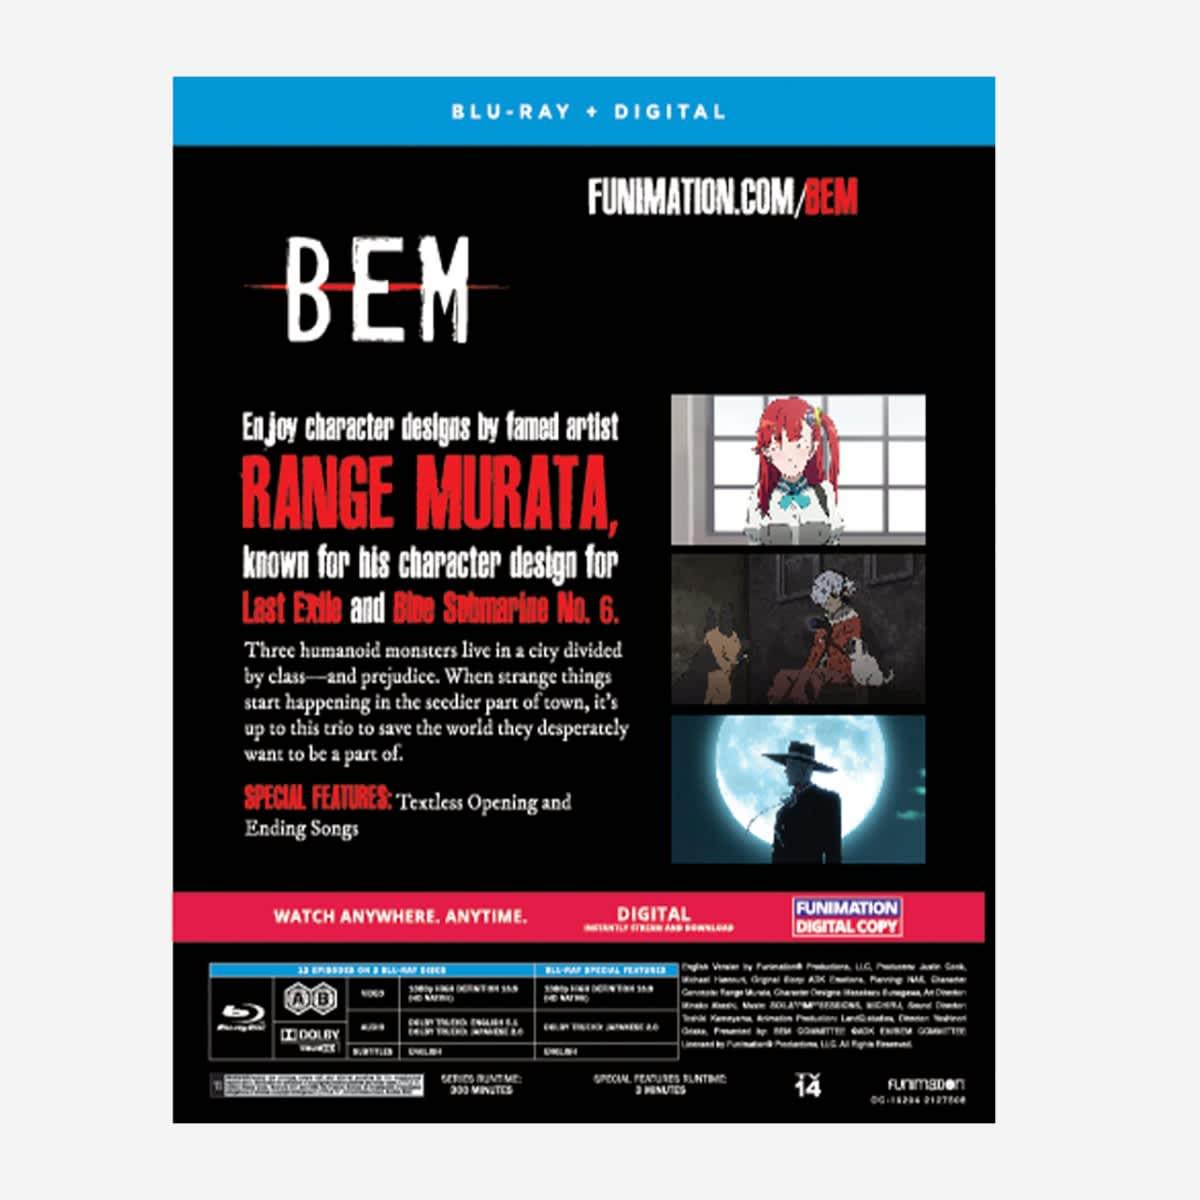 BEM Blu-ray